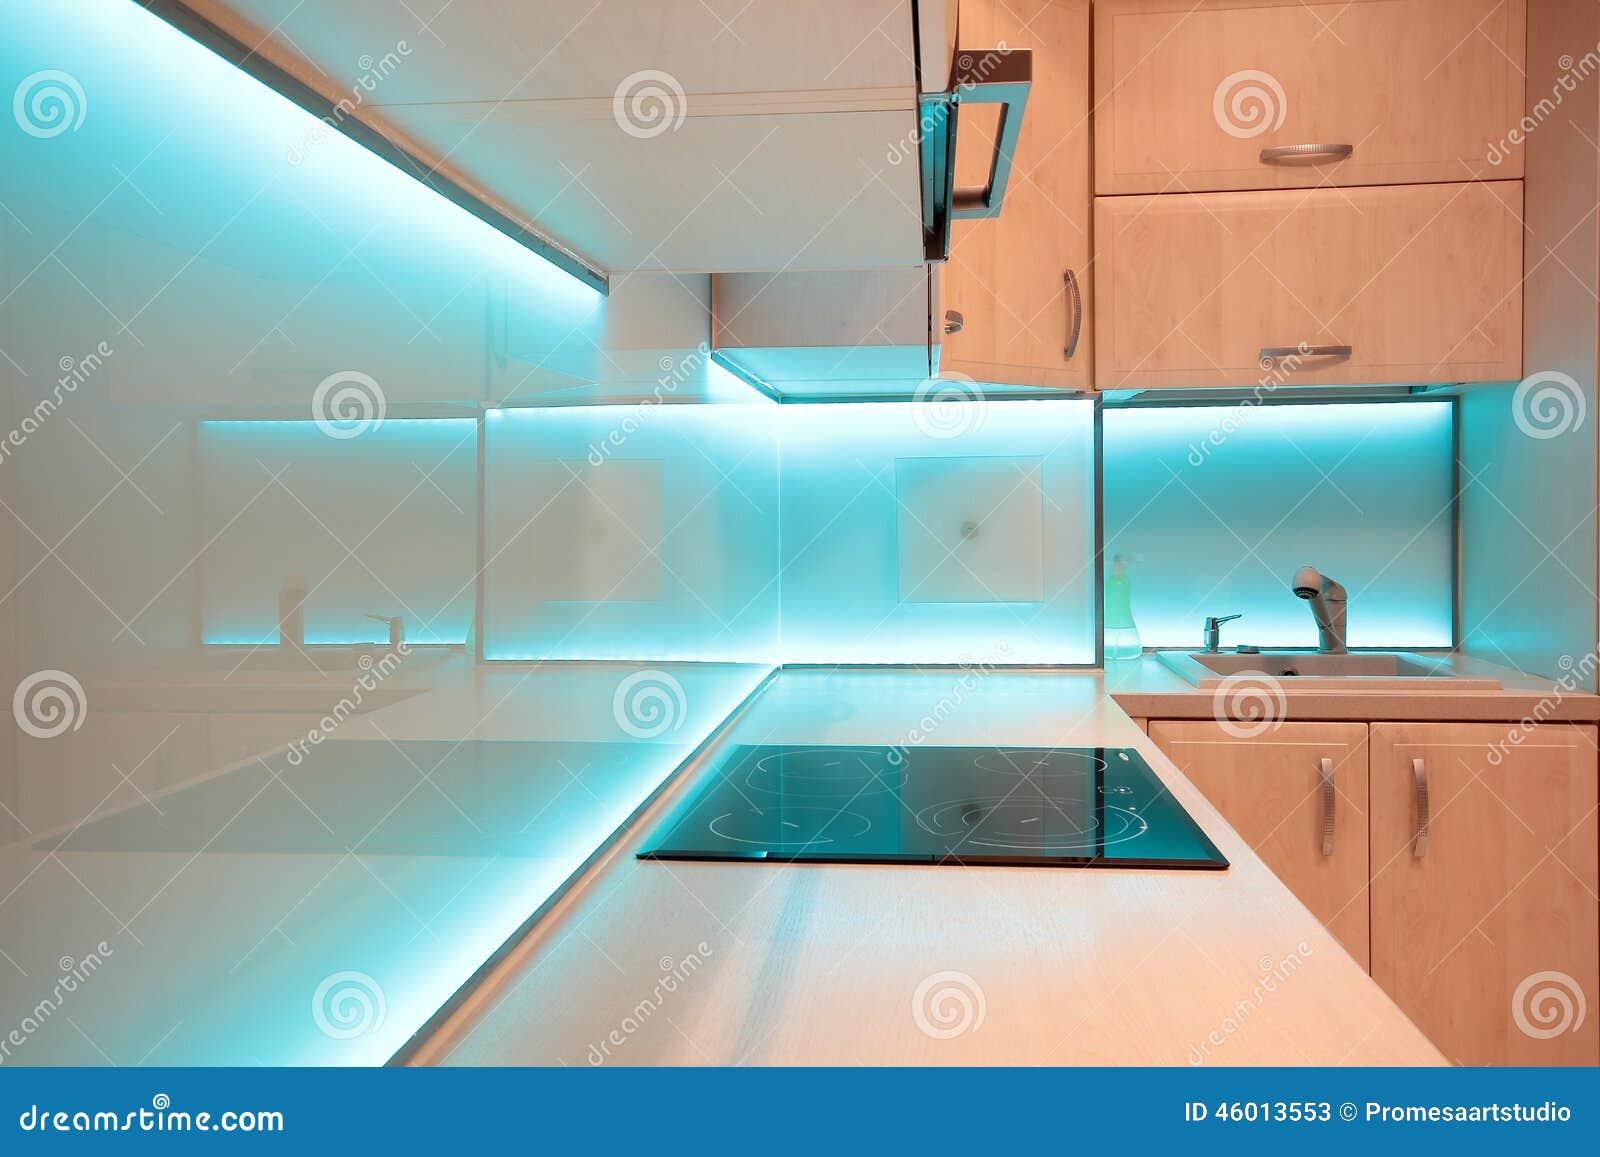 Cucina Di Lusso Moderna Con Illuminazione Blu Del LED Fotografia ...